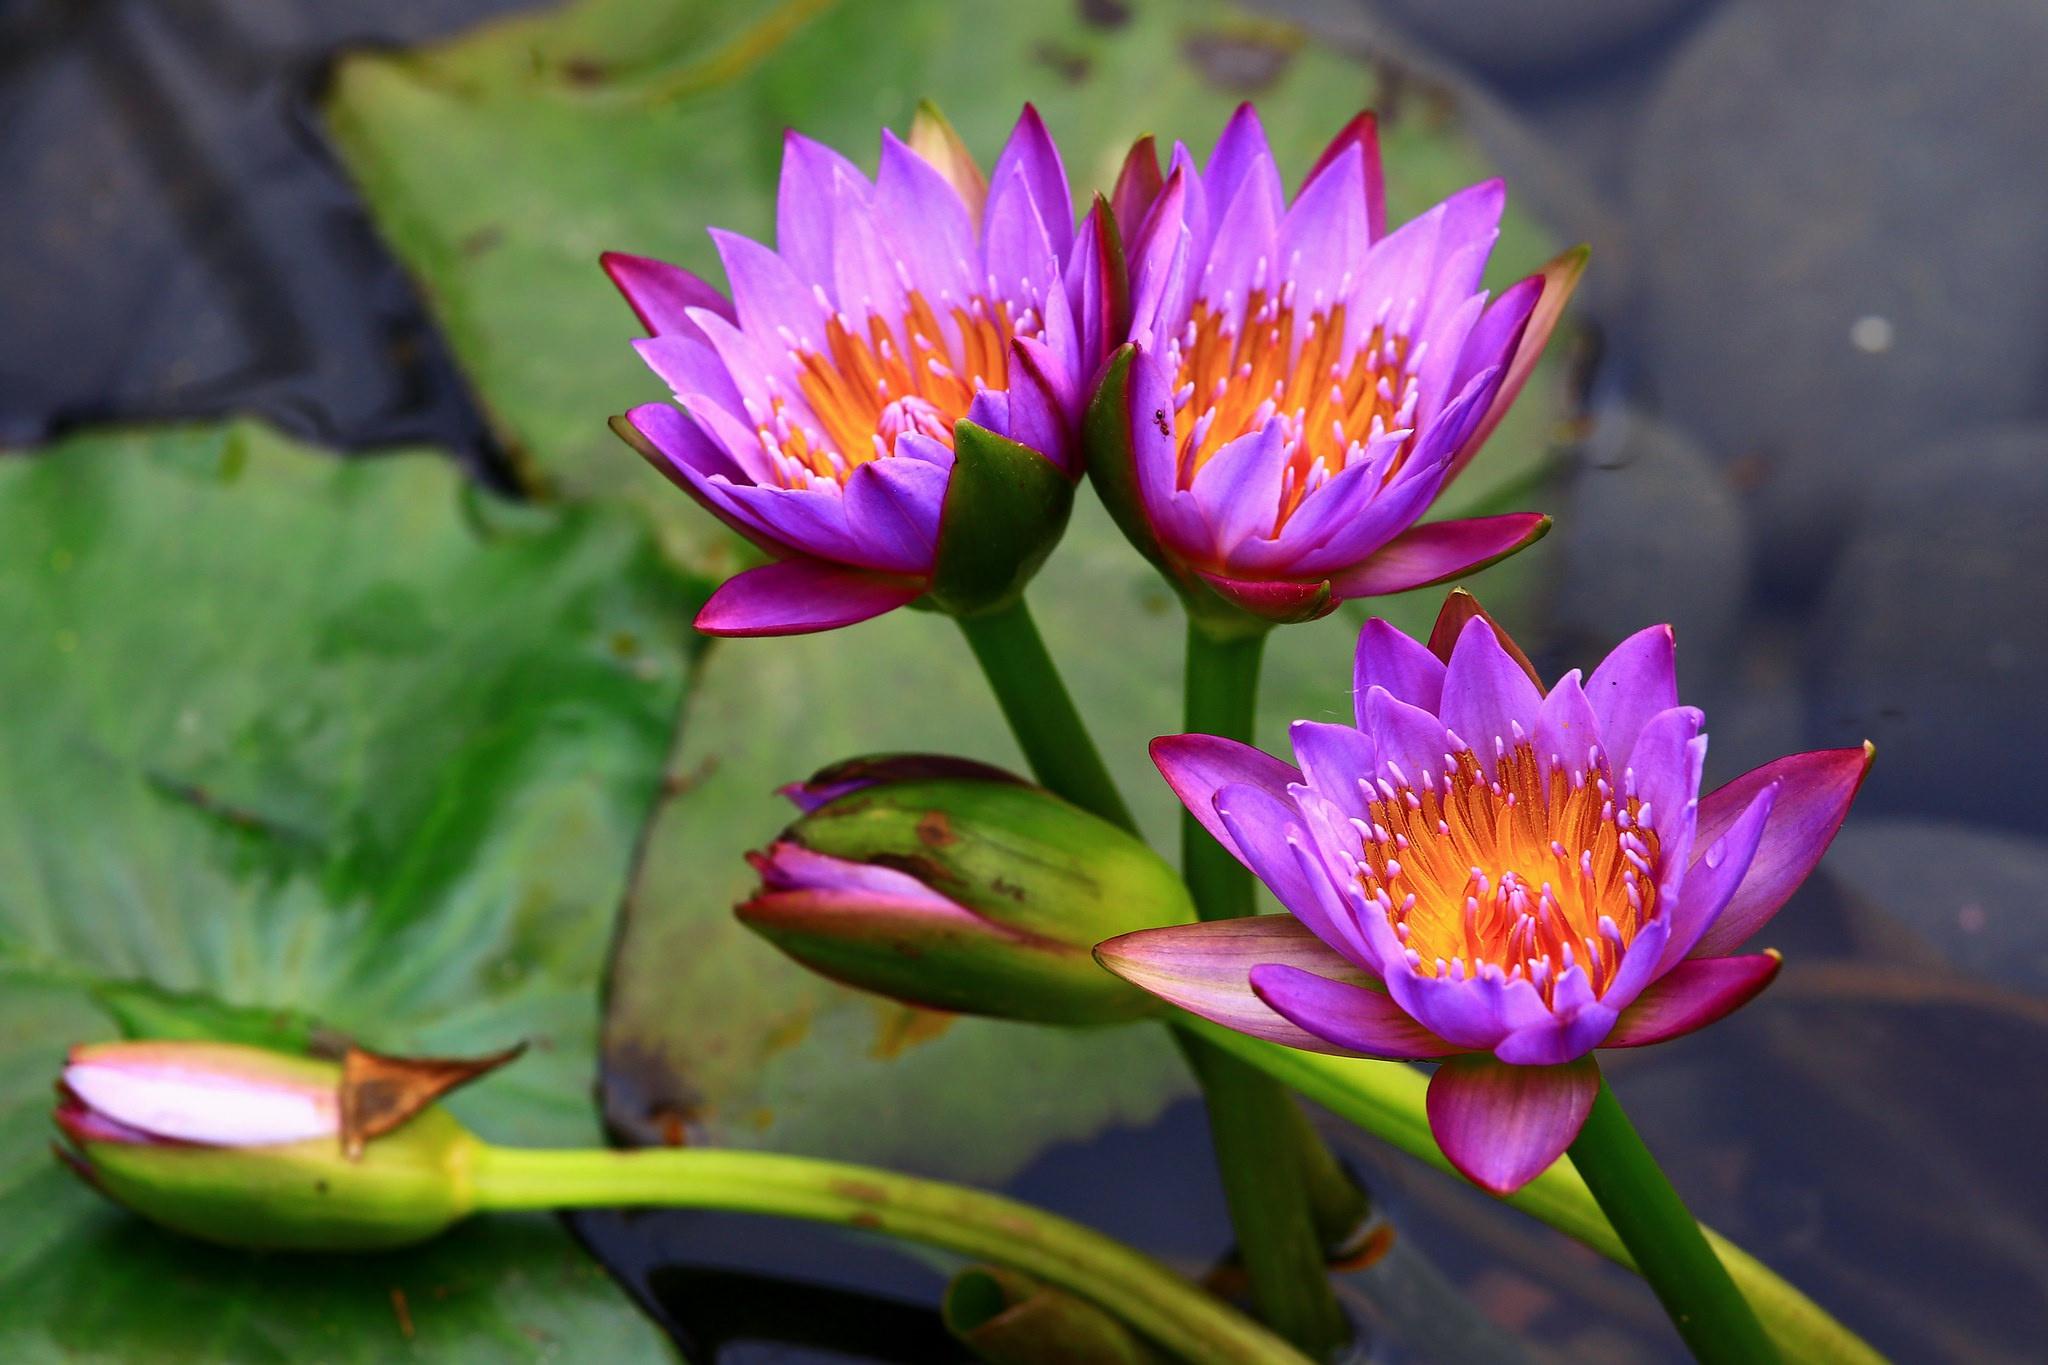 водяные лилии и лотос картинки поэтому здесь